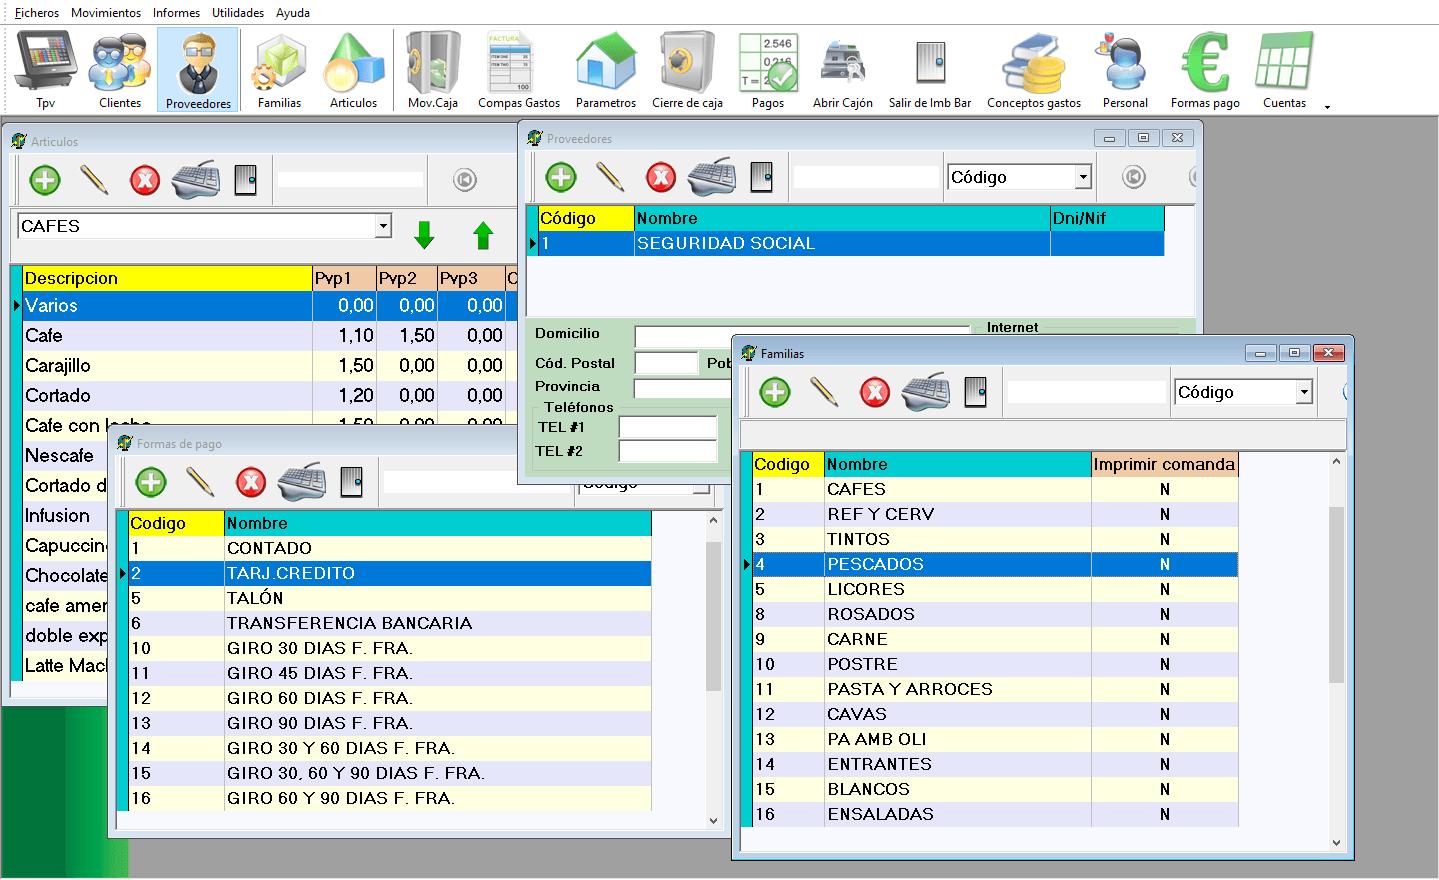 Registro de productos, proveedores, definición de familias, medios de pago